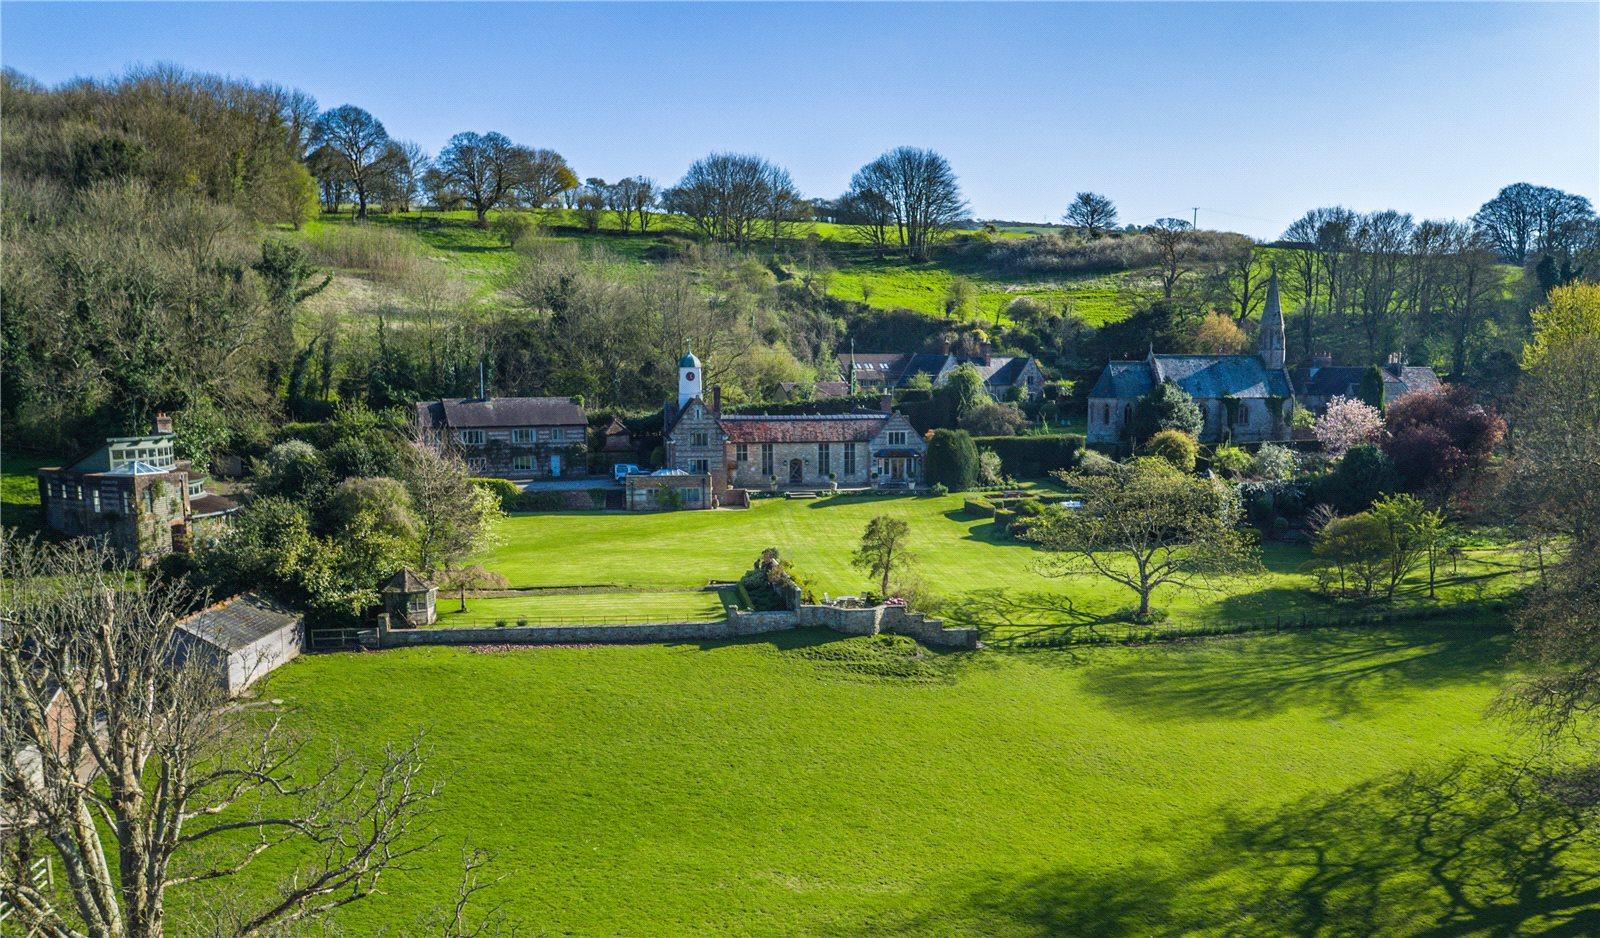 Tek Ailelik Ev için Satış at Woolland, Blandford Forum, Dorset, DT11 Blandford Forum, Ingiltere